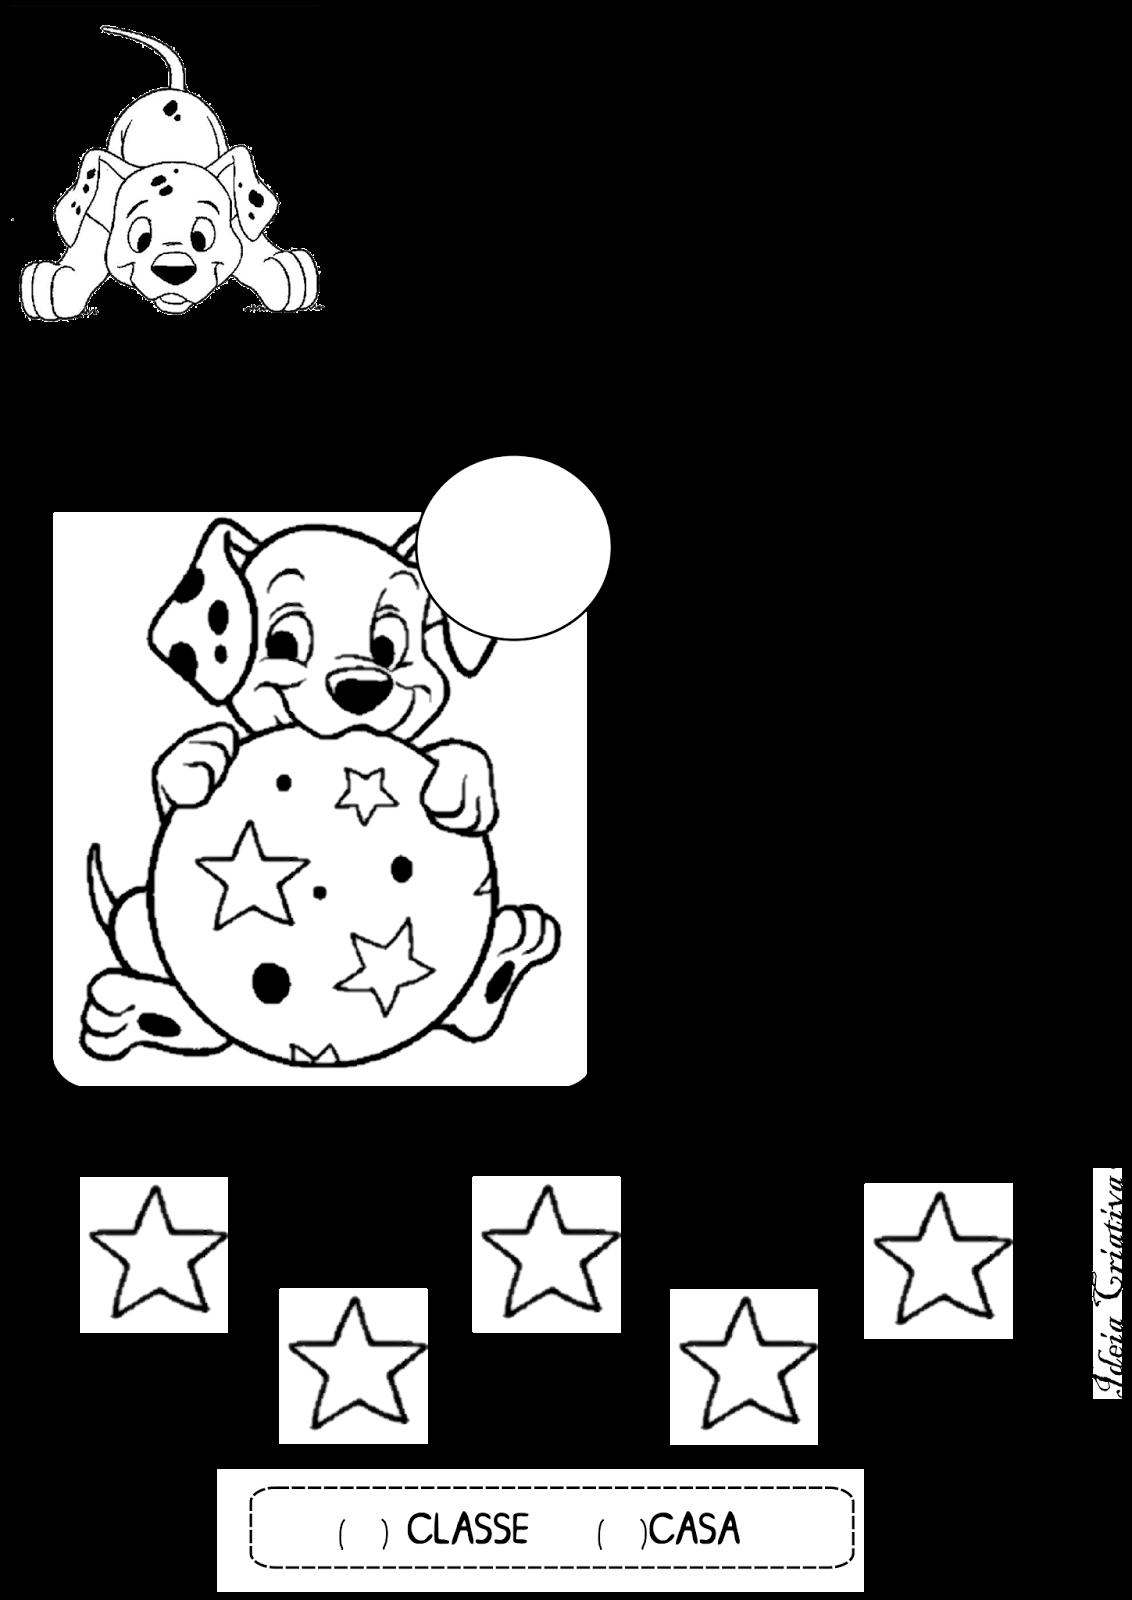 Excepcional Atividade Matemática Educação Infantil Número e Quantidade  RV45